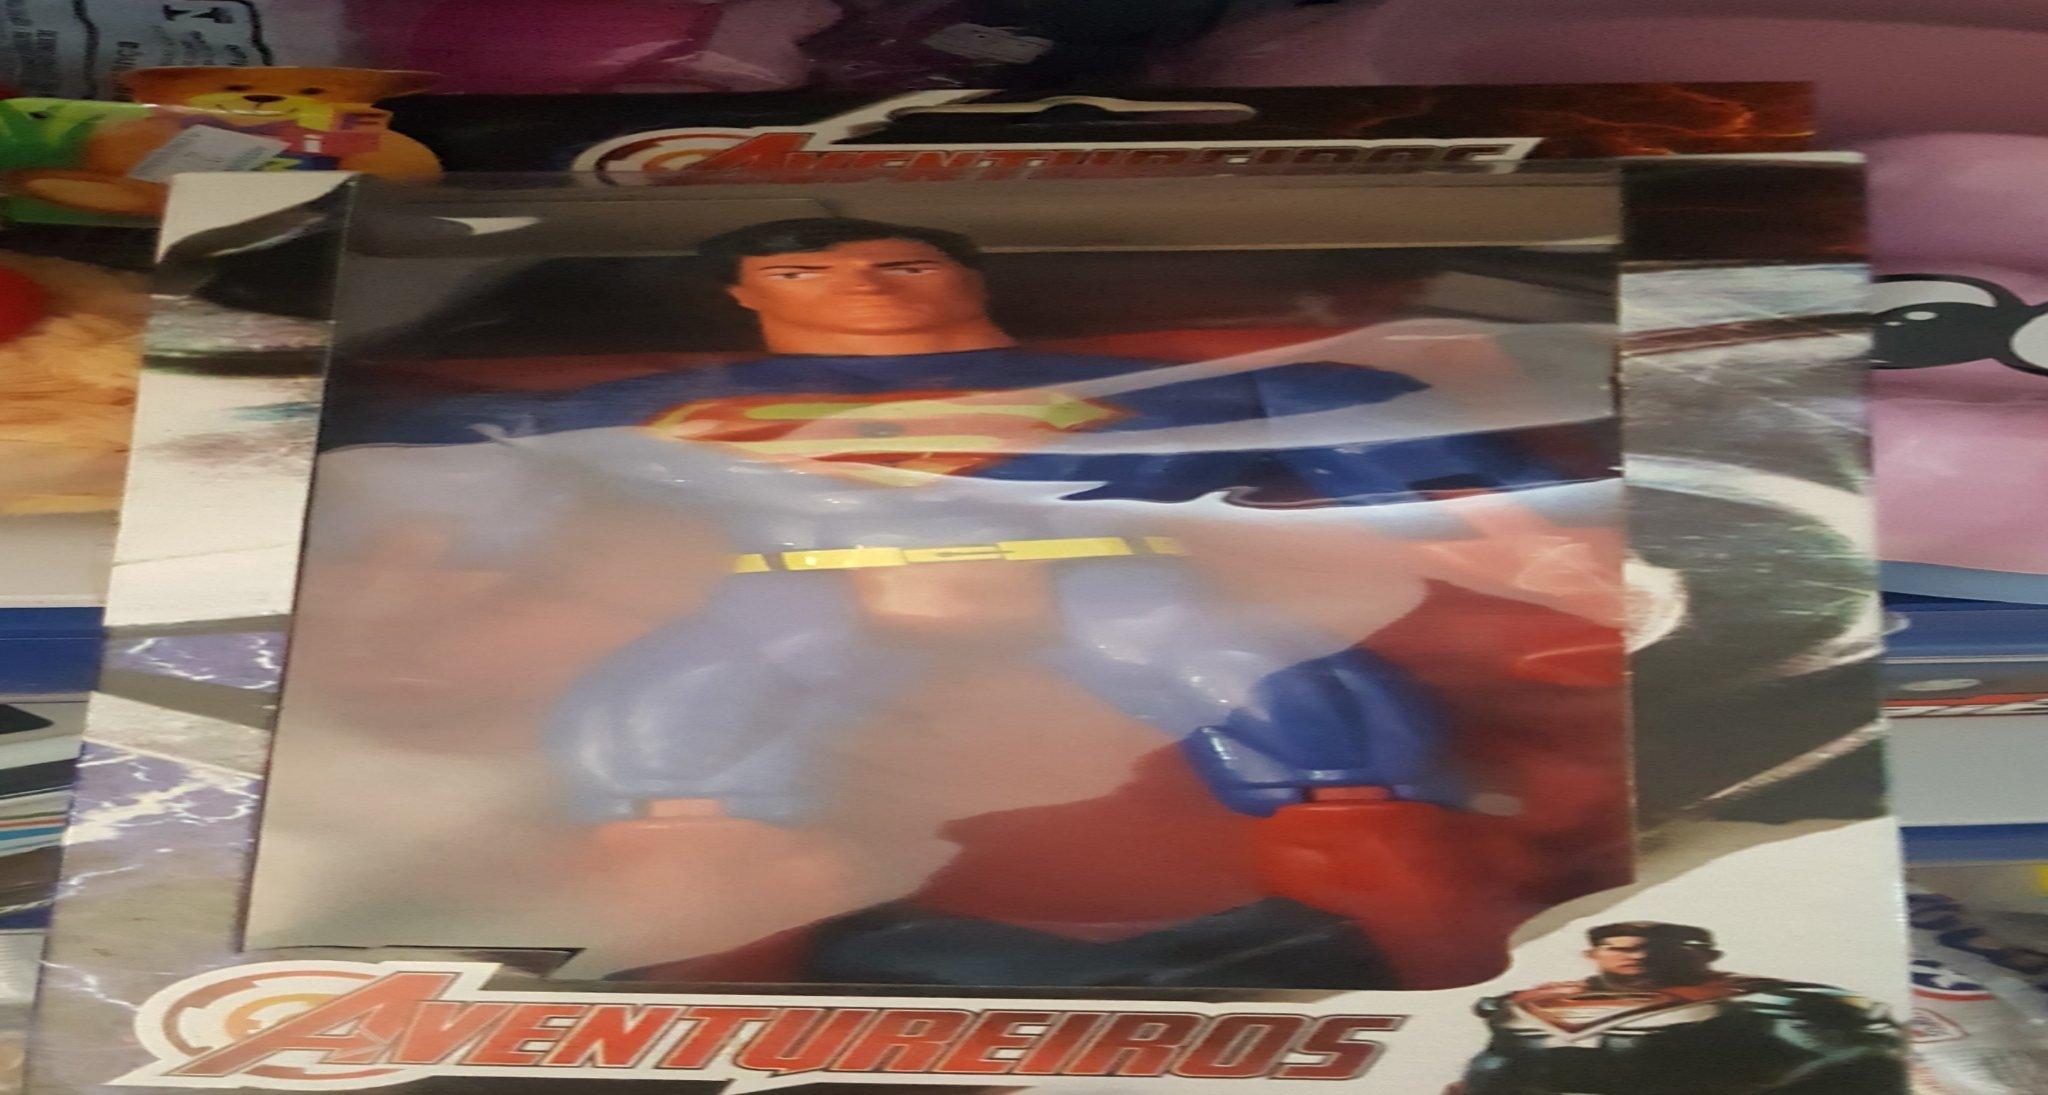 A nova turma dos super heróis tá chegando no pedaço... - meme